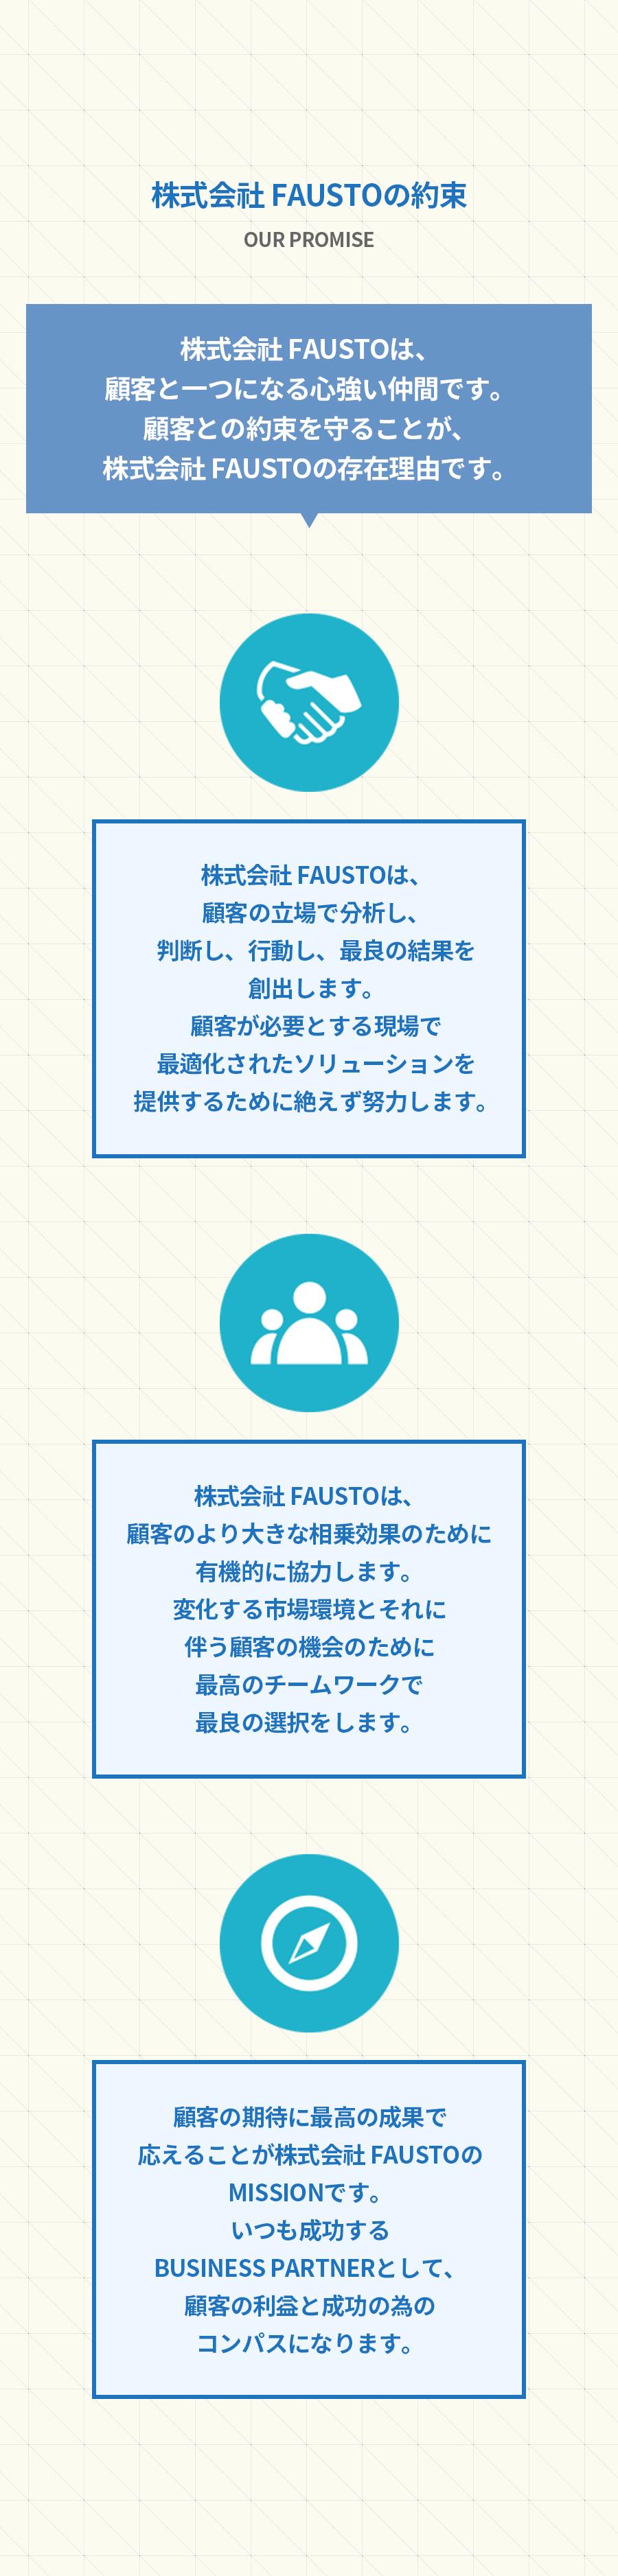 promise-japan-m